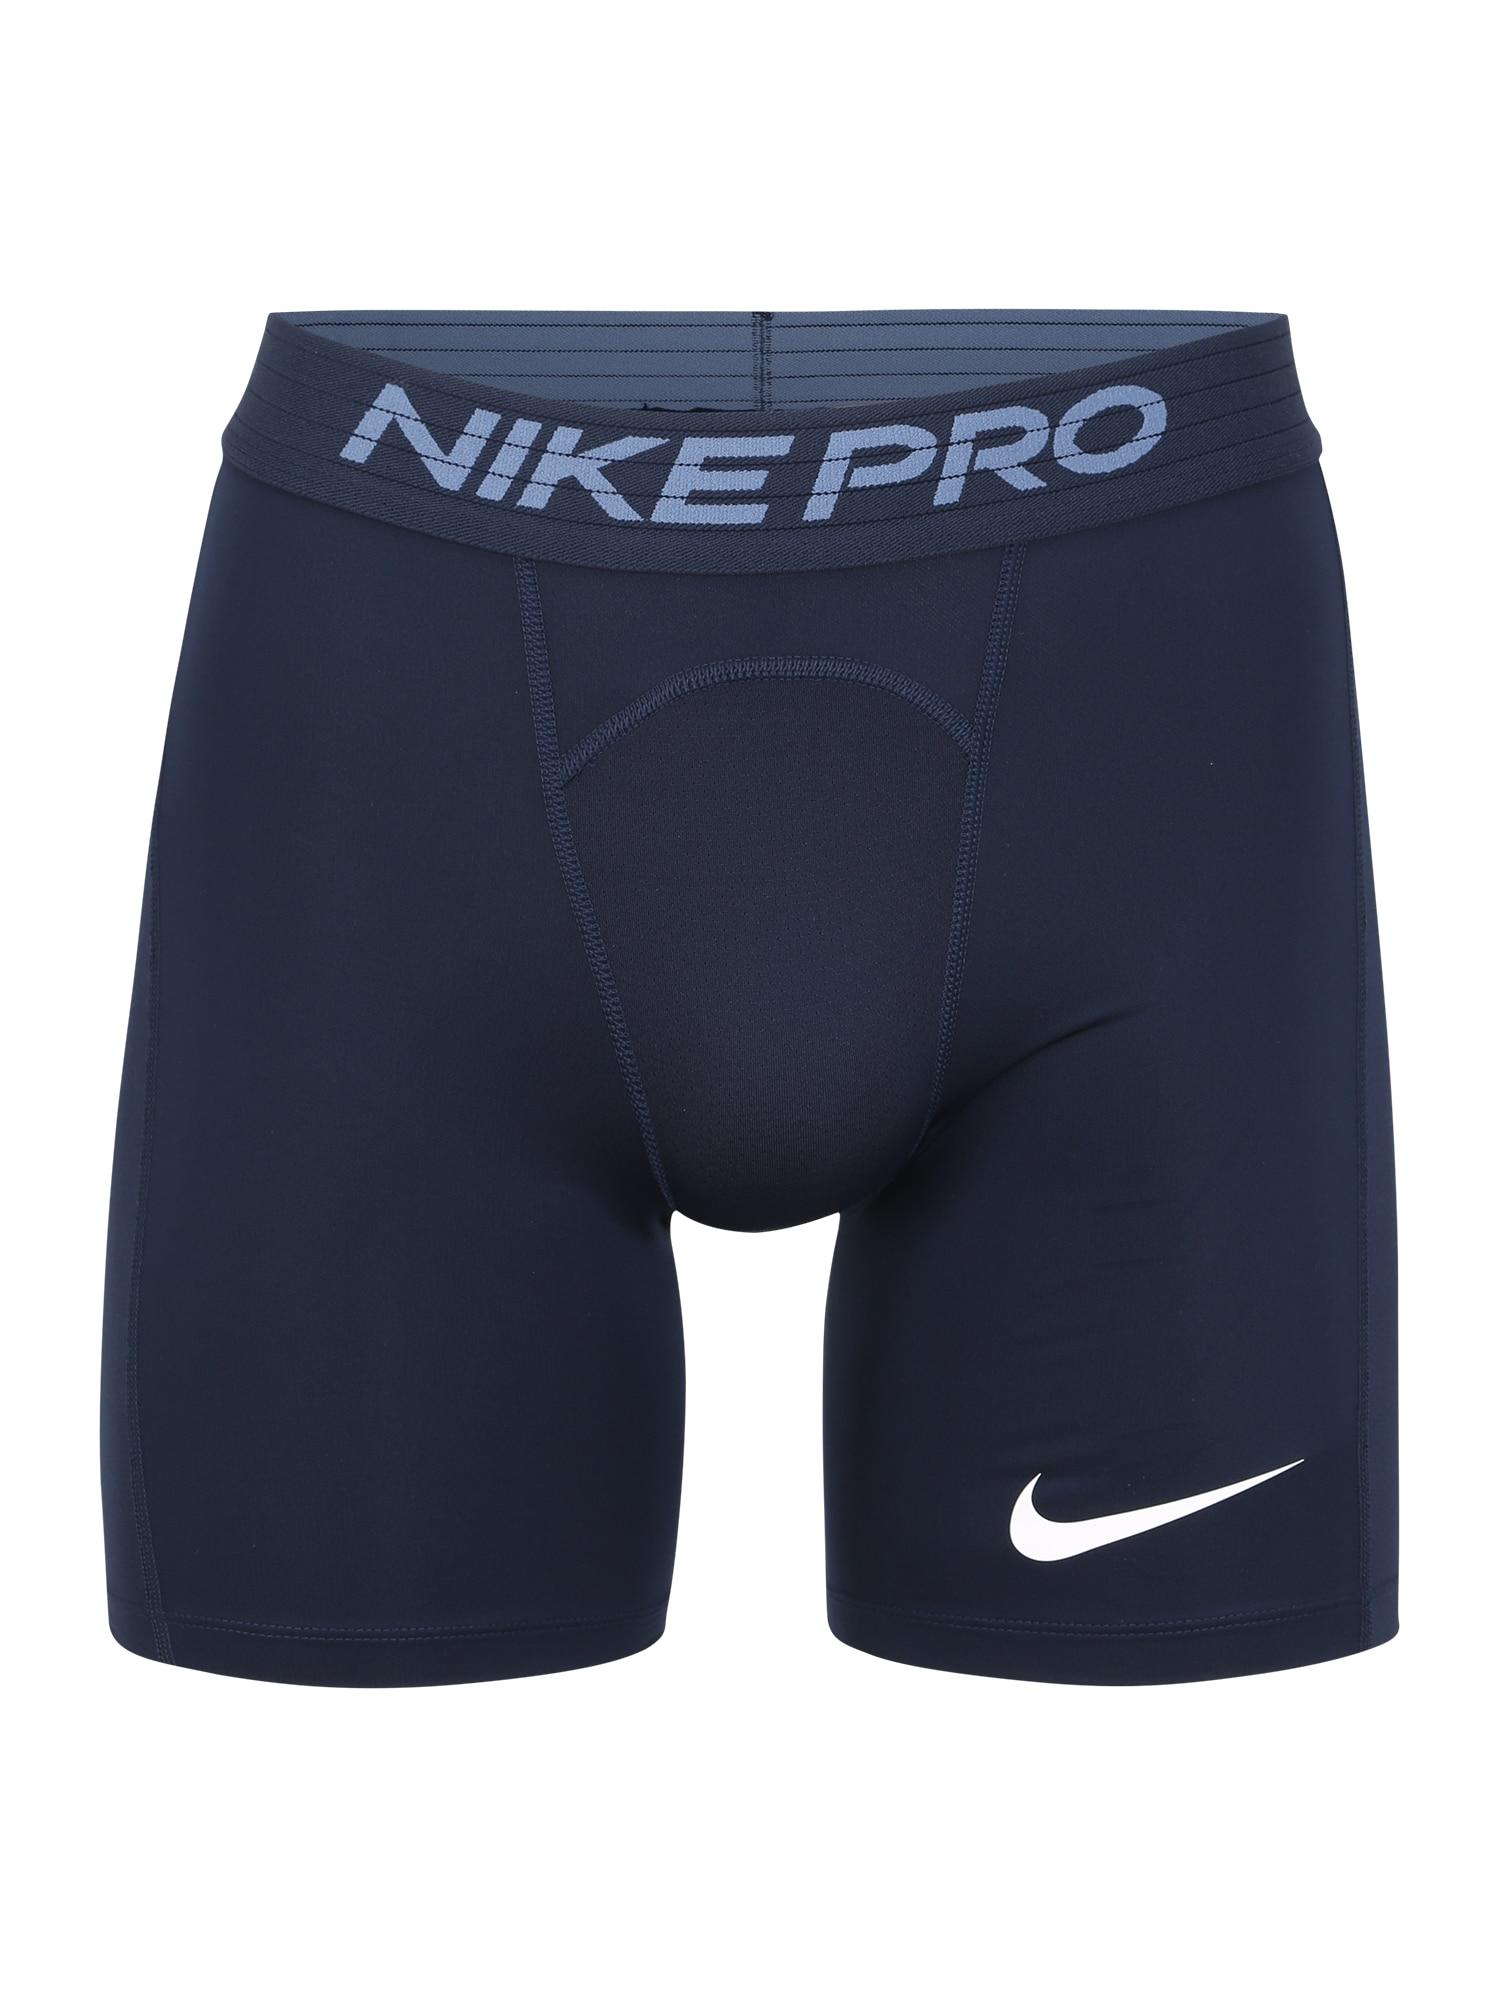 NIKE Sportinės kelnės 'Nike Pro' tamsiai mėlyna